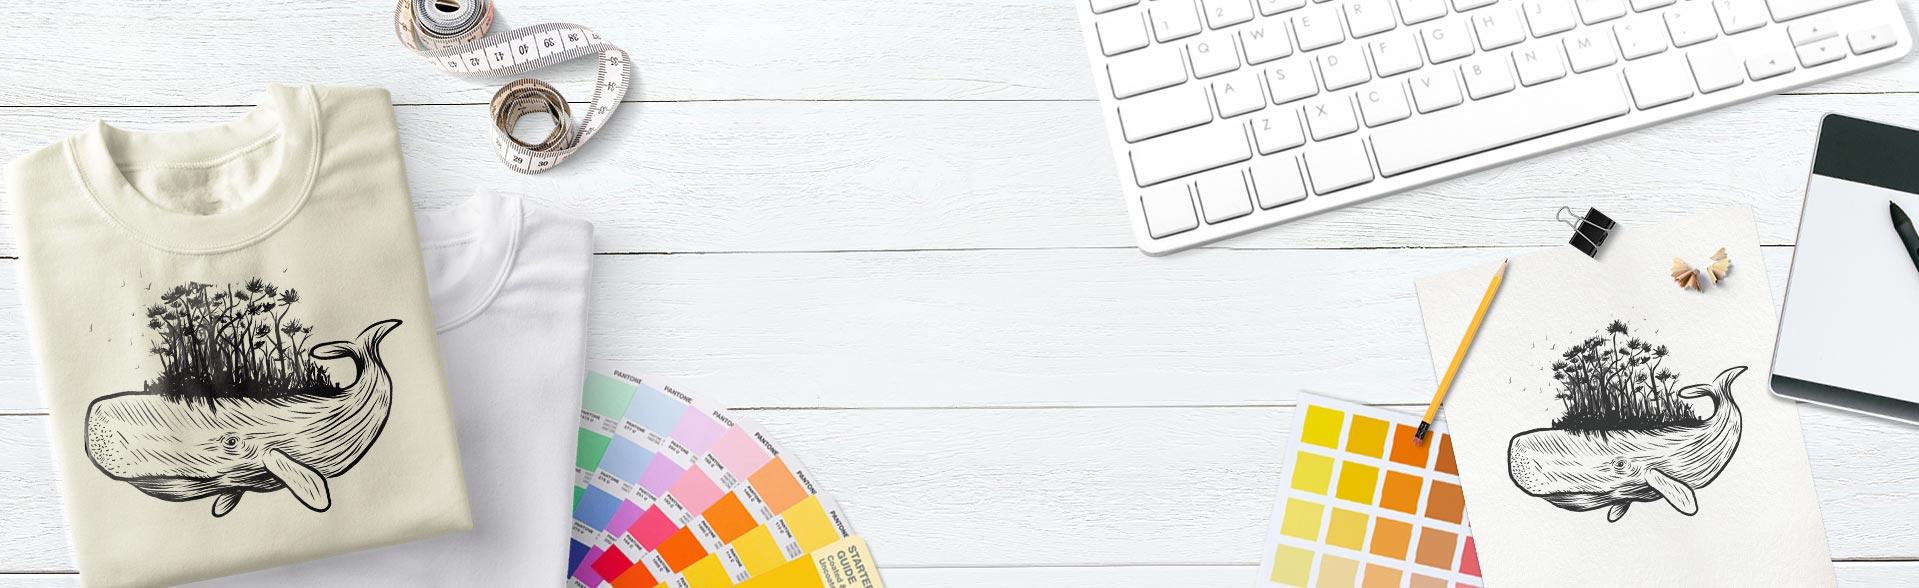 10 Best Print-On-Demand Platforms in 2019 (Part 1)